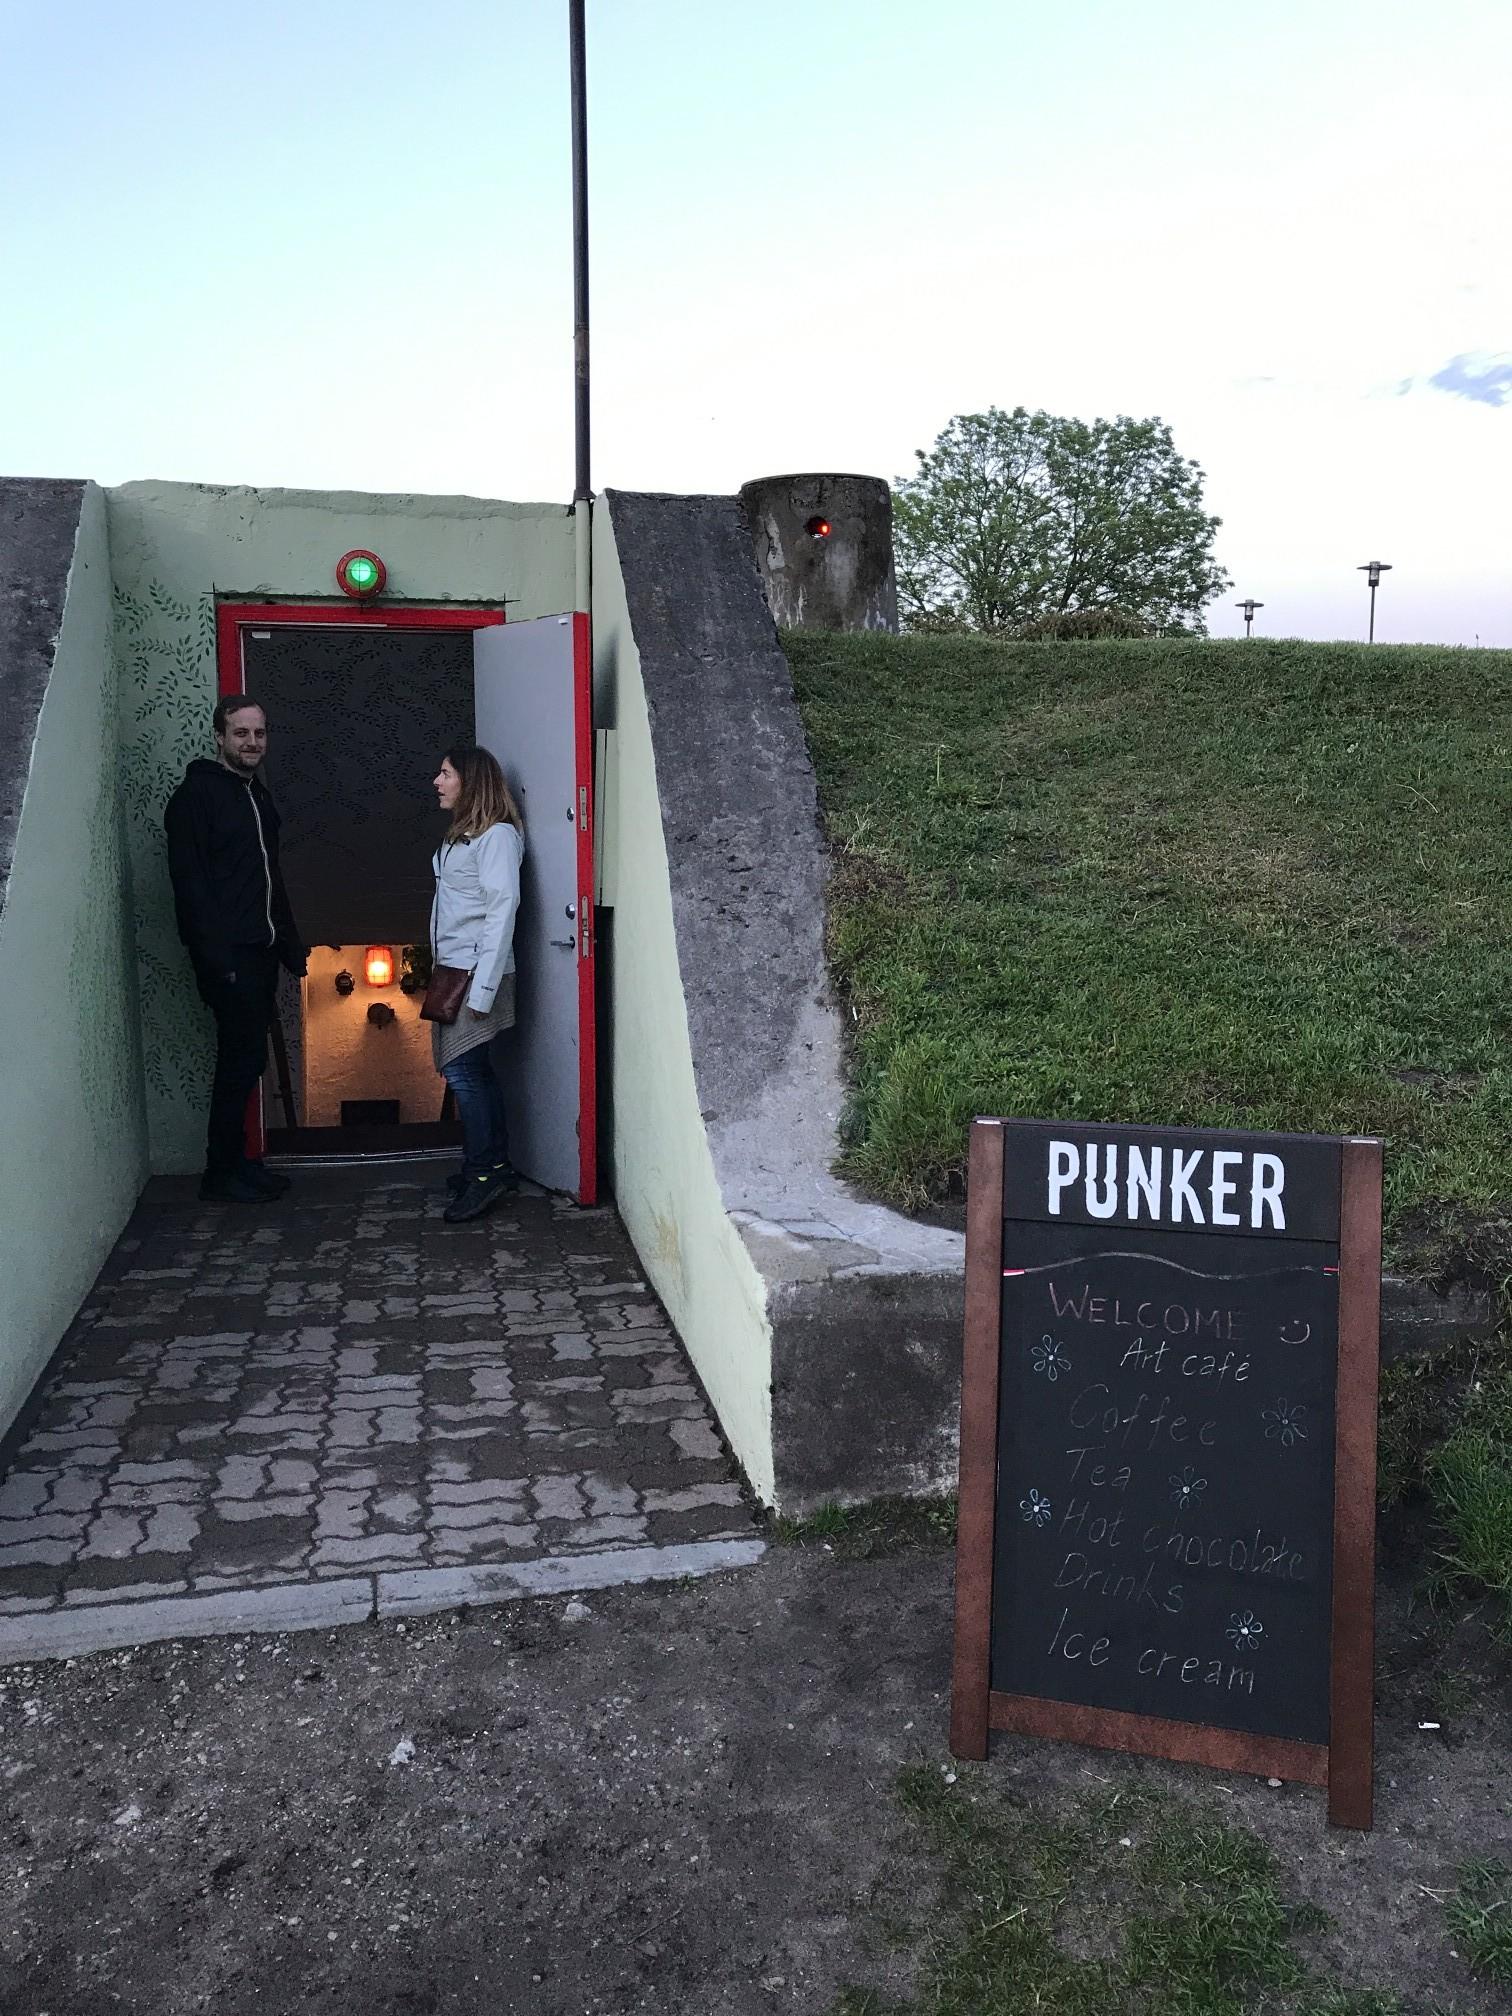 Outside Punker Bar